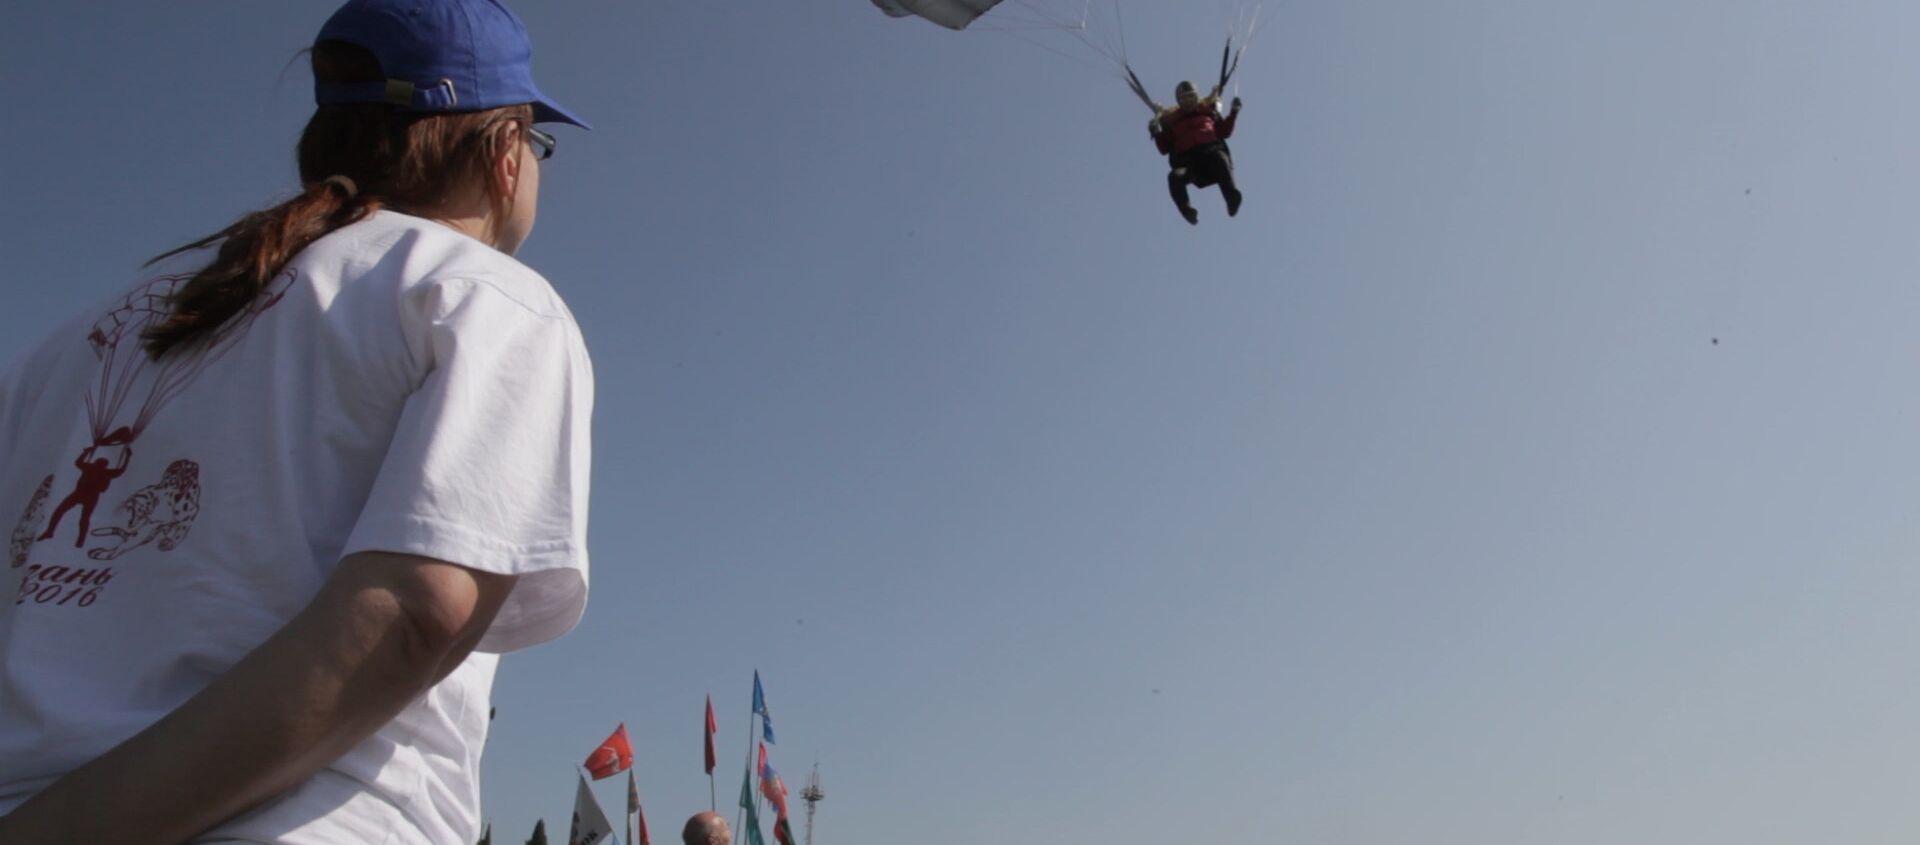 Первый пошел: как открылся чемпионат парашютистов в Сухуме - Sputnik Абхазия, 1920, 13.09.2017